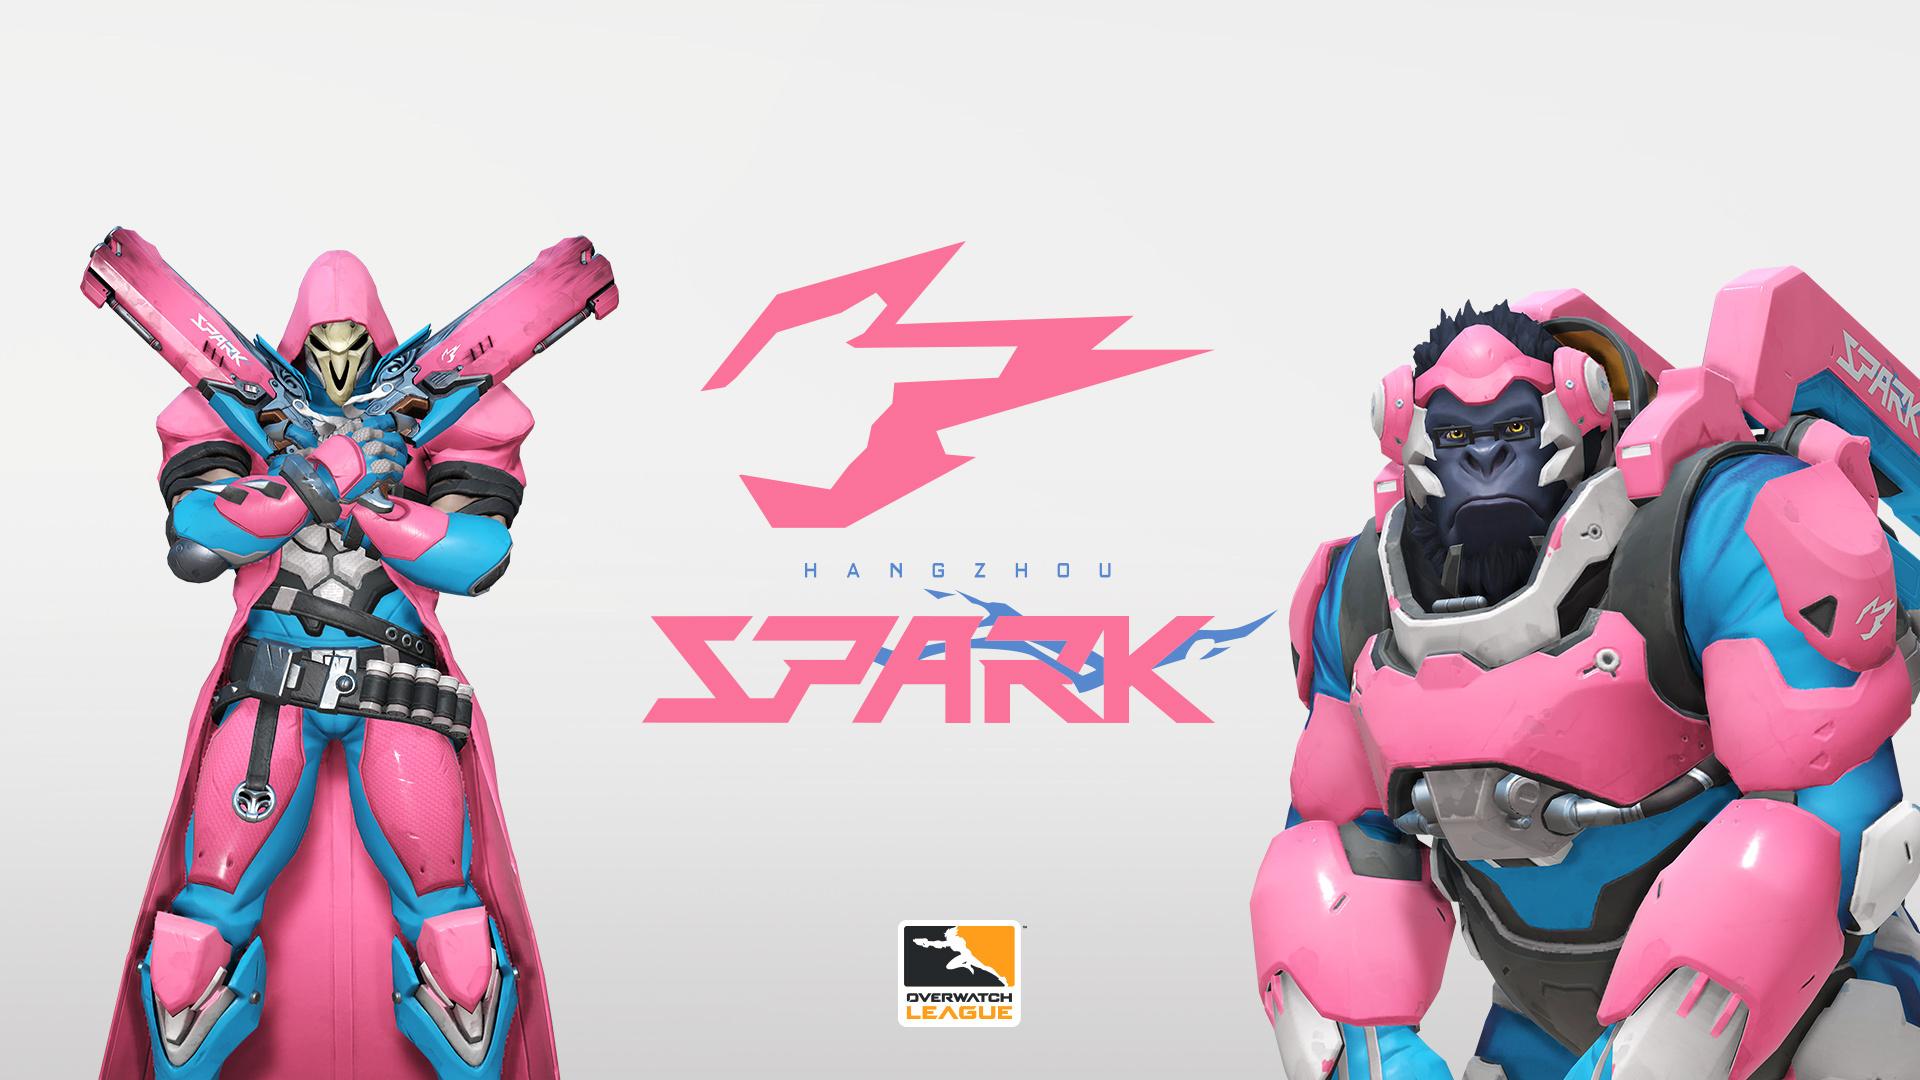 Hangzhou Spark la nouvelle équipe chinoise de l'Overwatch League 2019